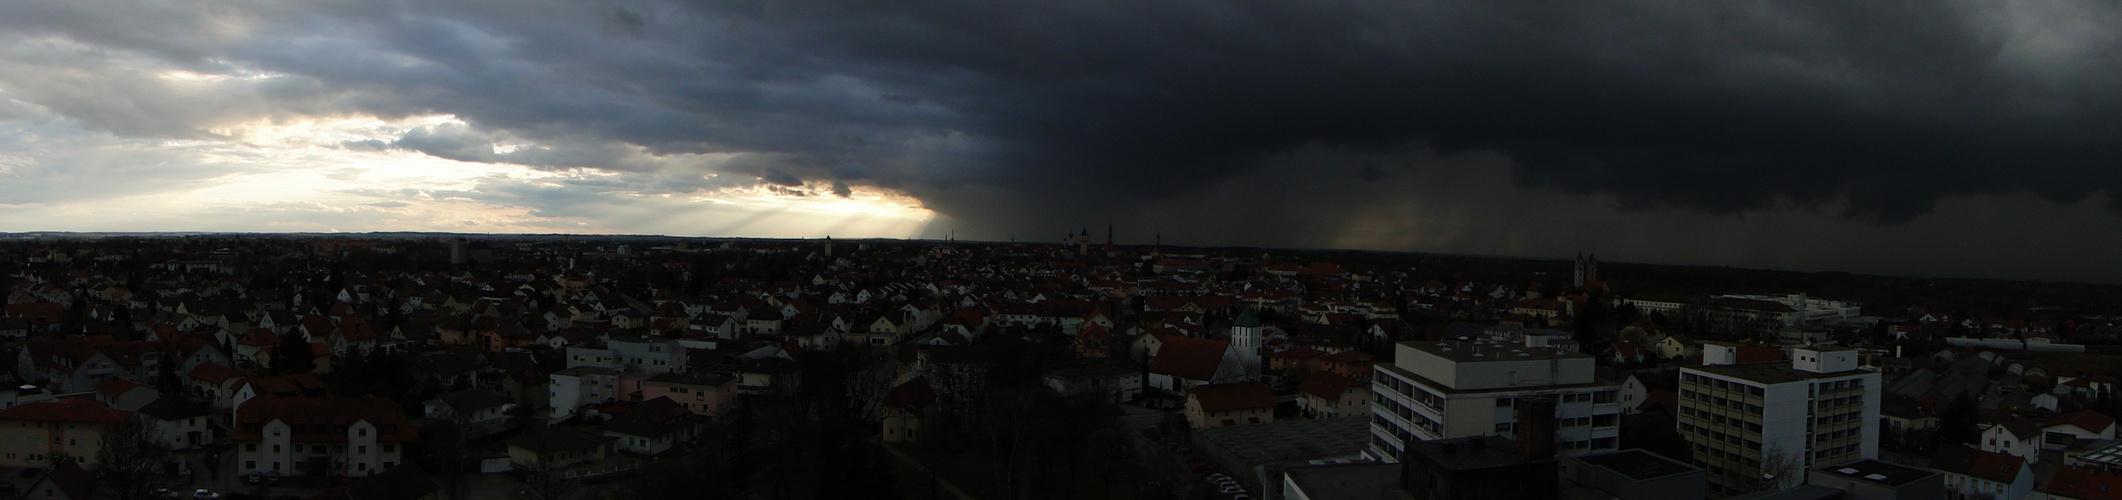 Der Himmel wölbt sich übers Land..